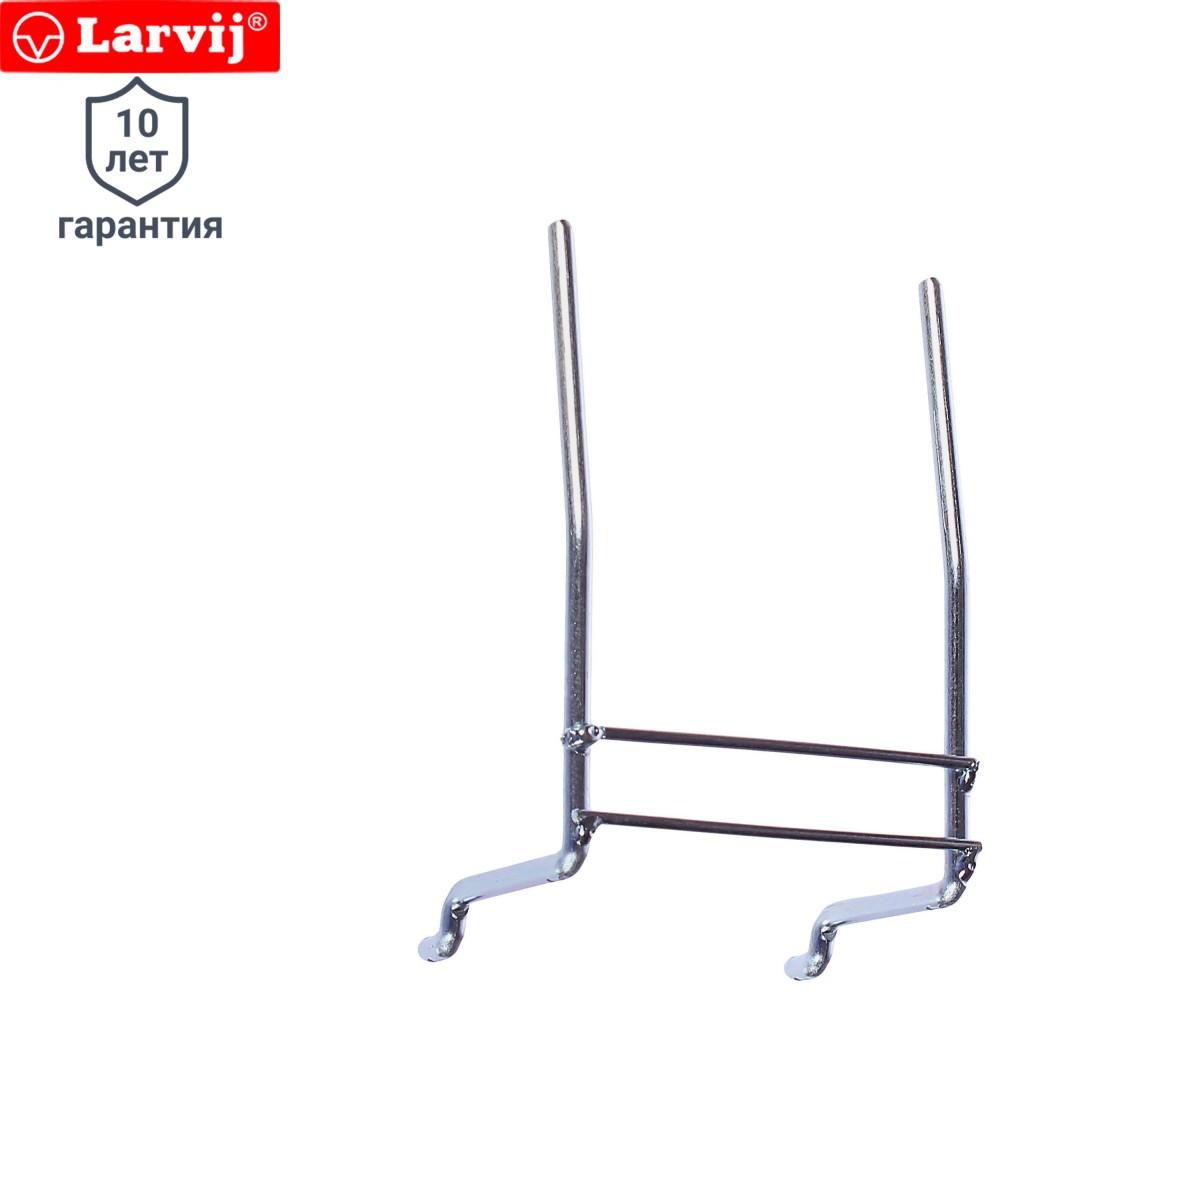 Комплект крючков для перфорированной панели Larvij двойной широкий 3 шт.